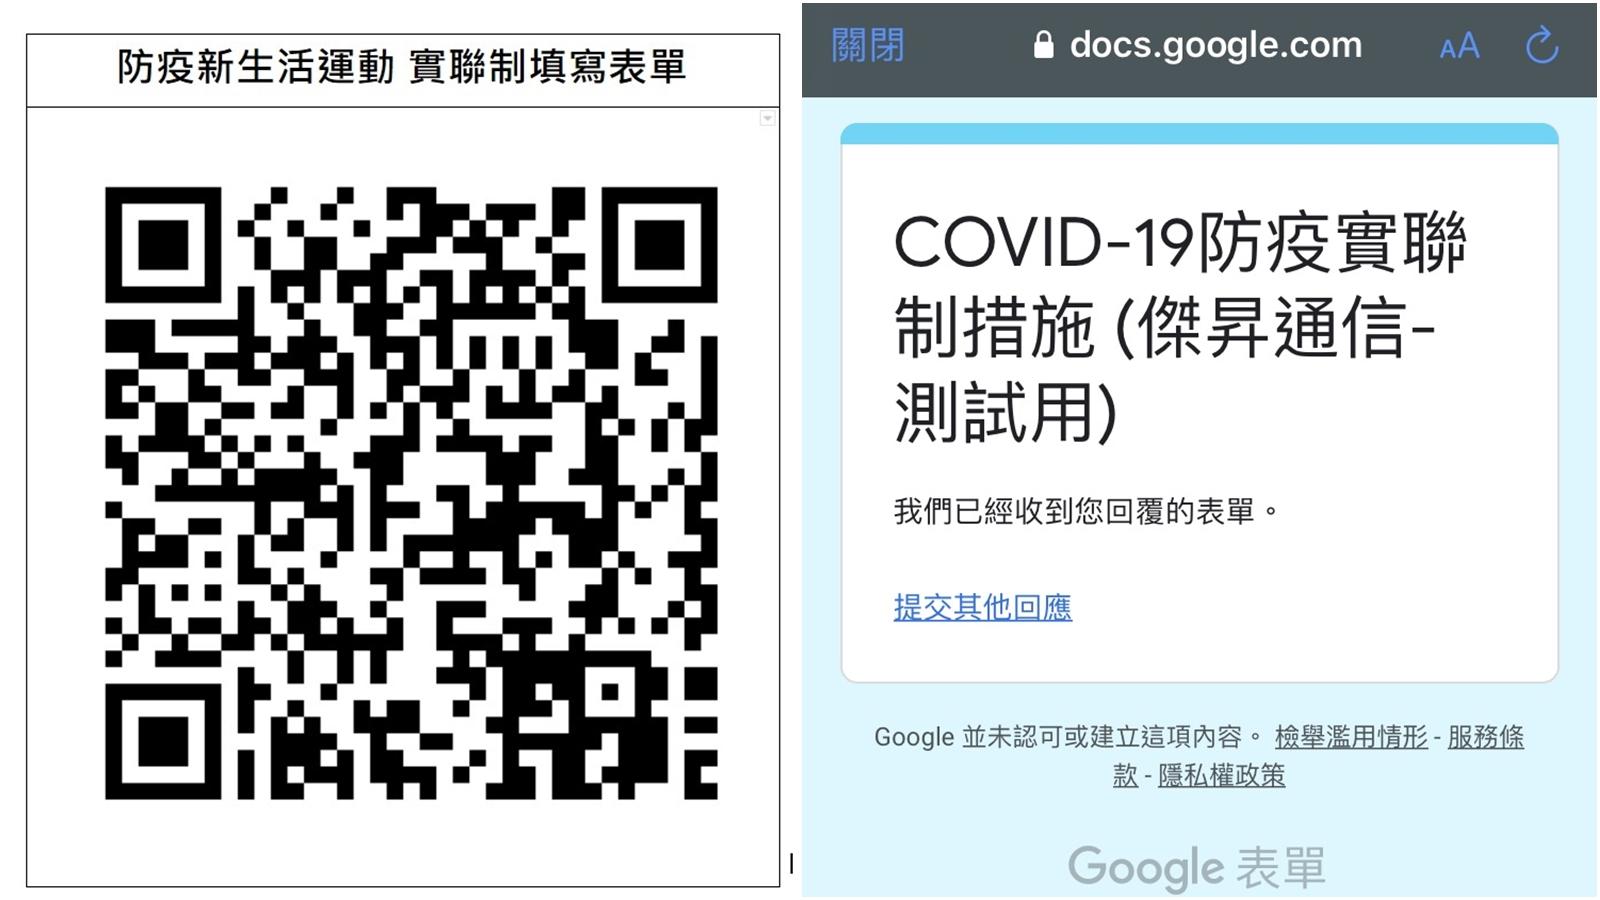 【科技新知】店家實聯制QR code如何申請?用Google表單快速製作